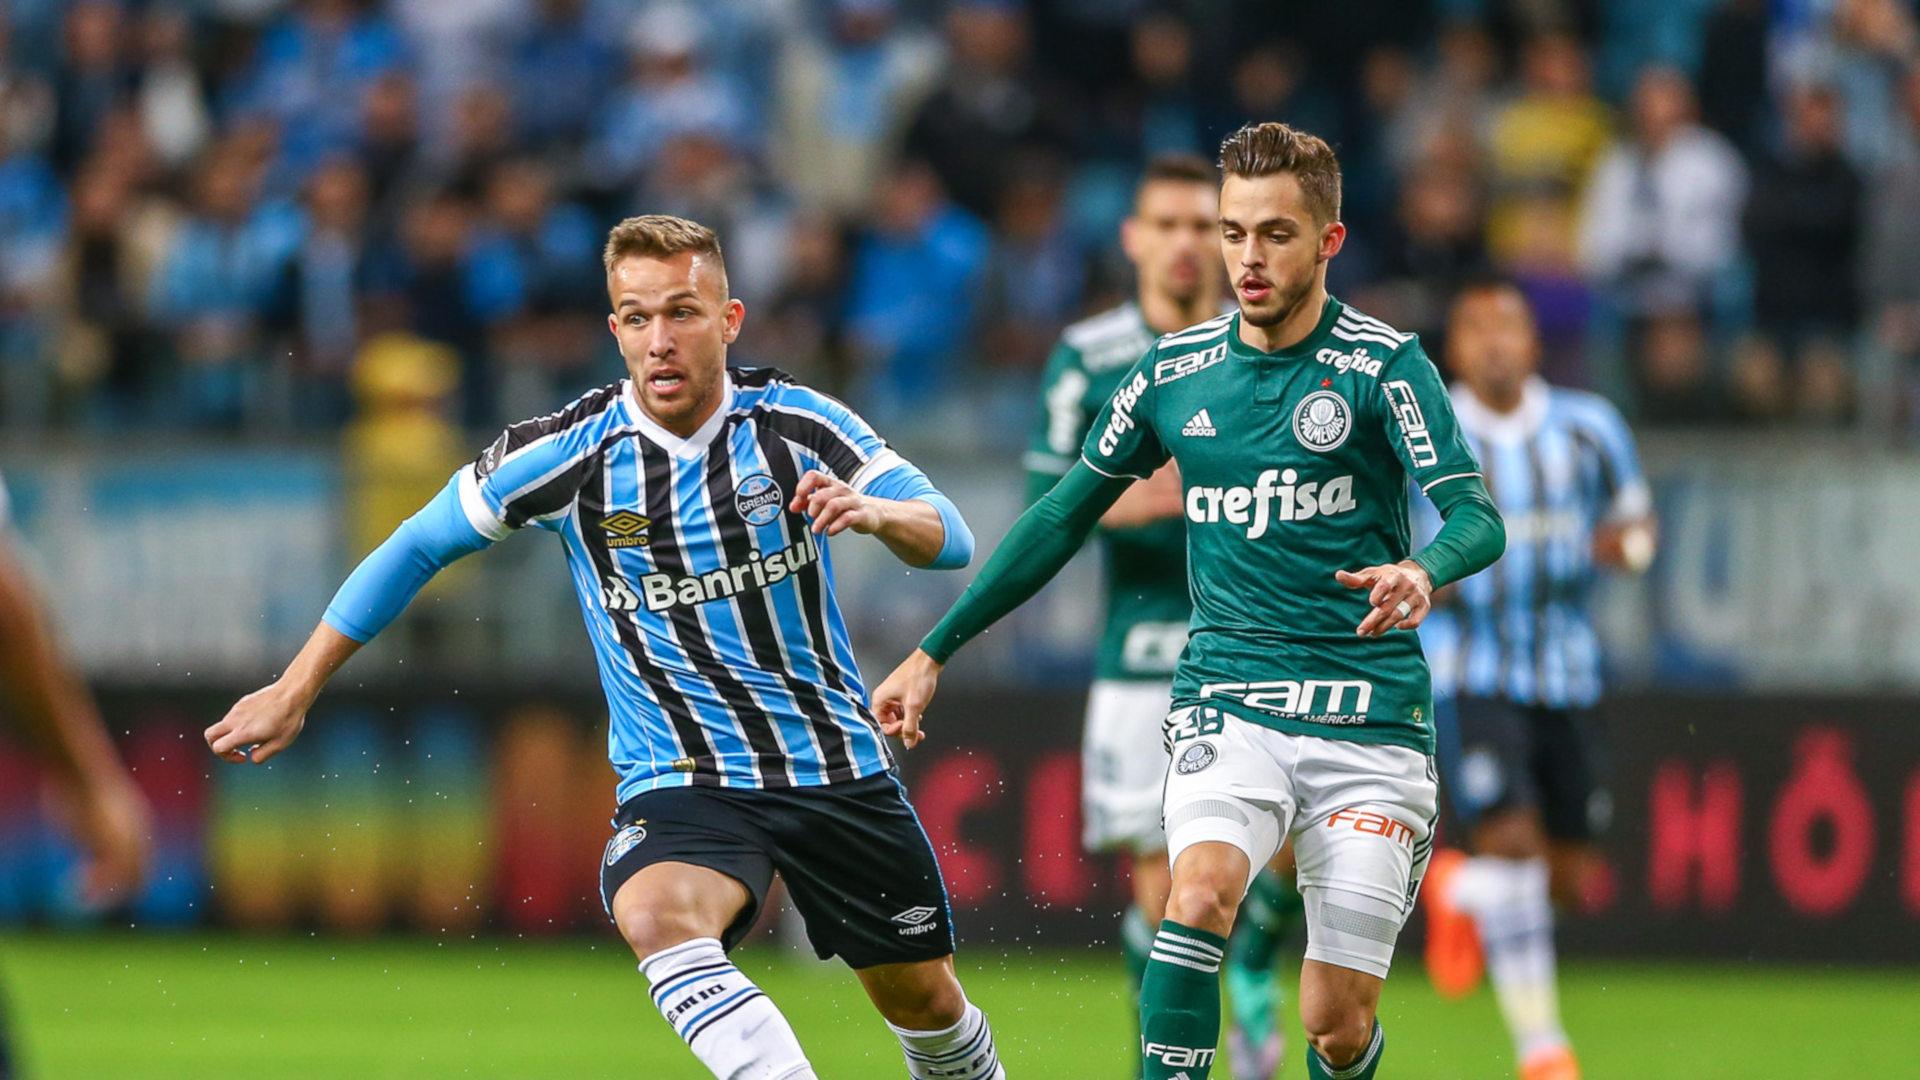 Arthur Hyoran Gremio Palmeiras Brasileirao Serie A 06062018